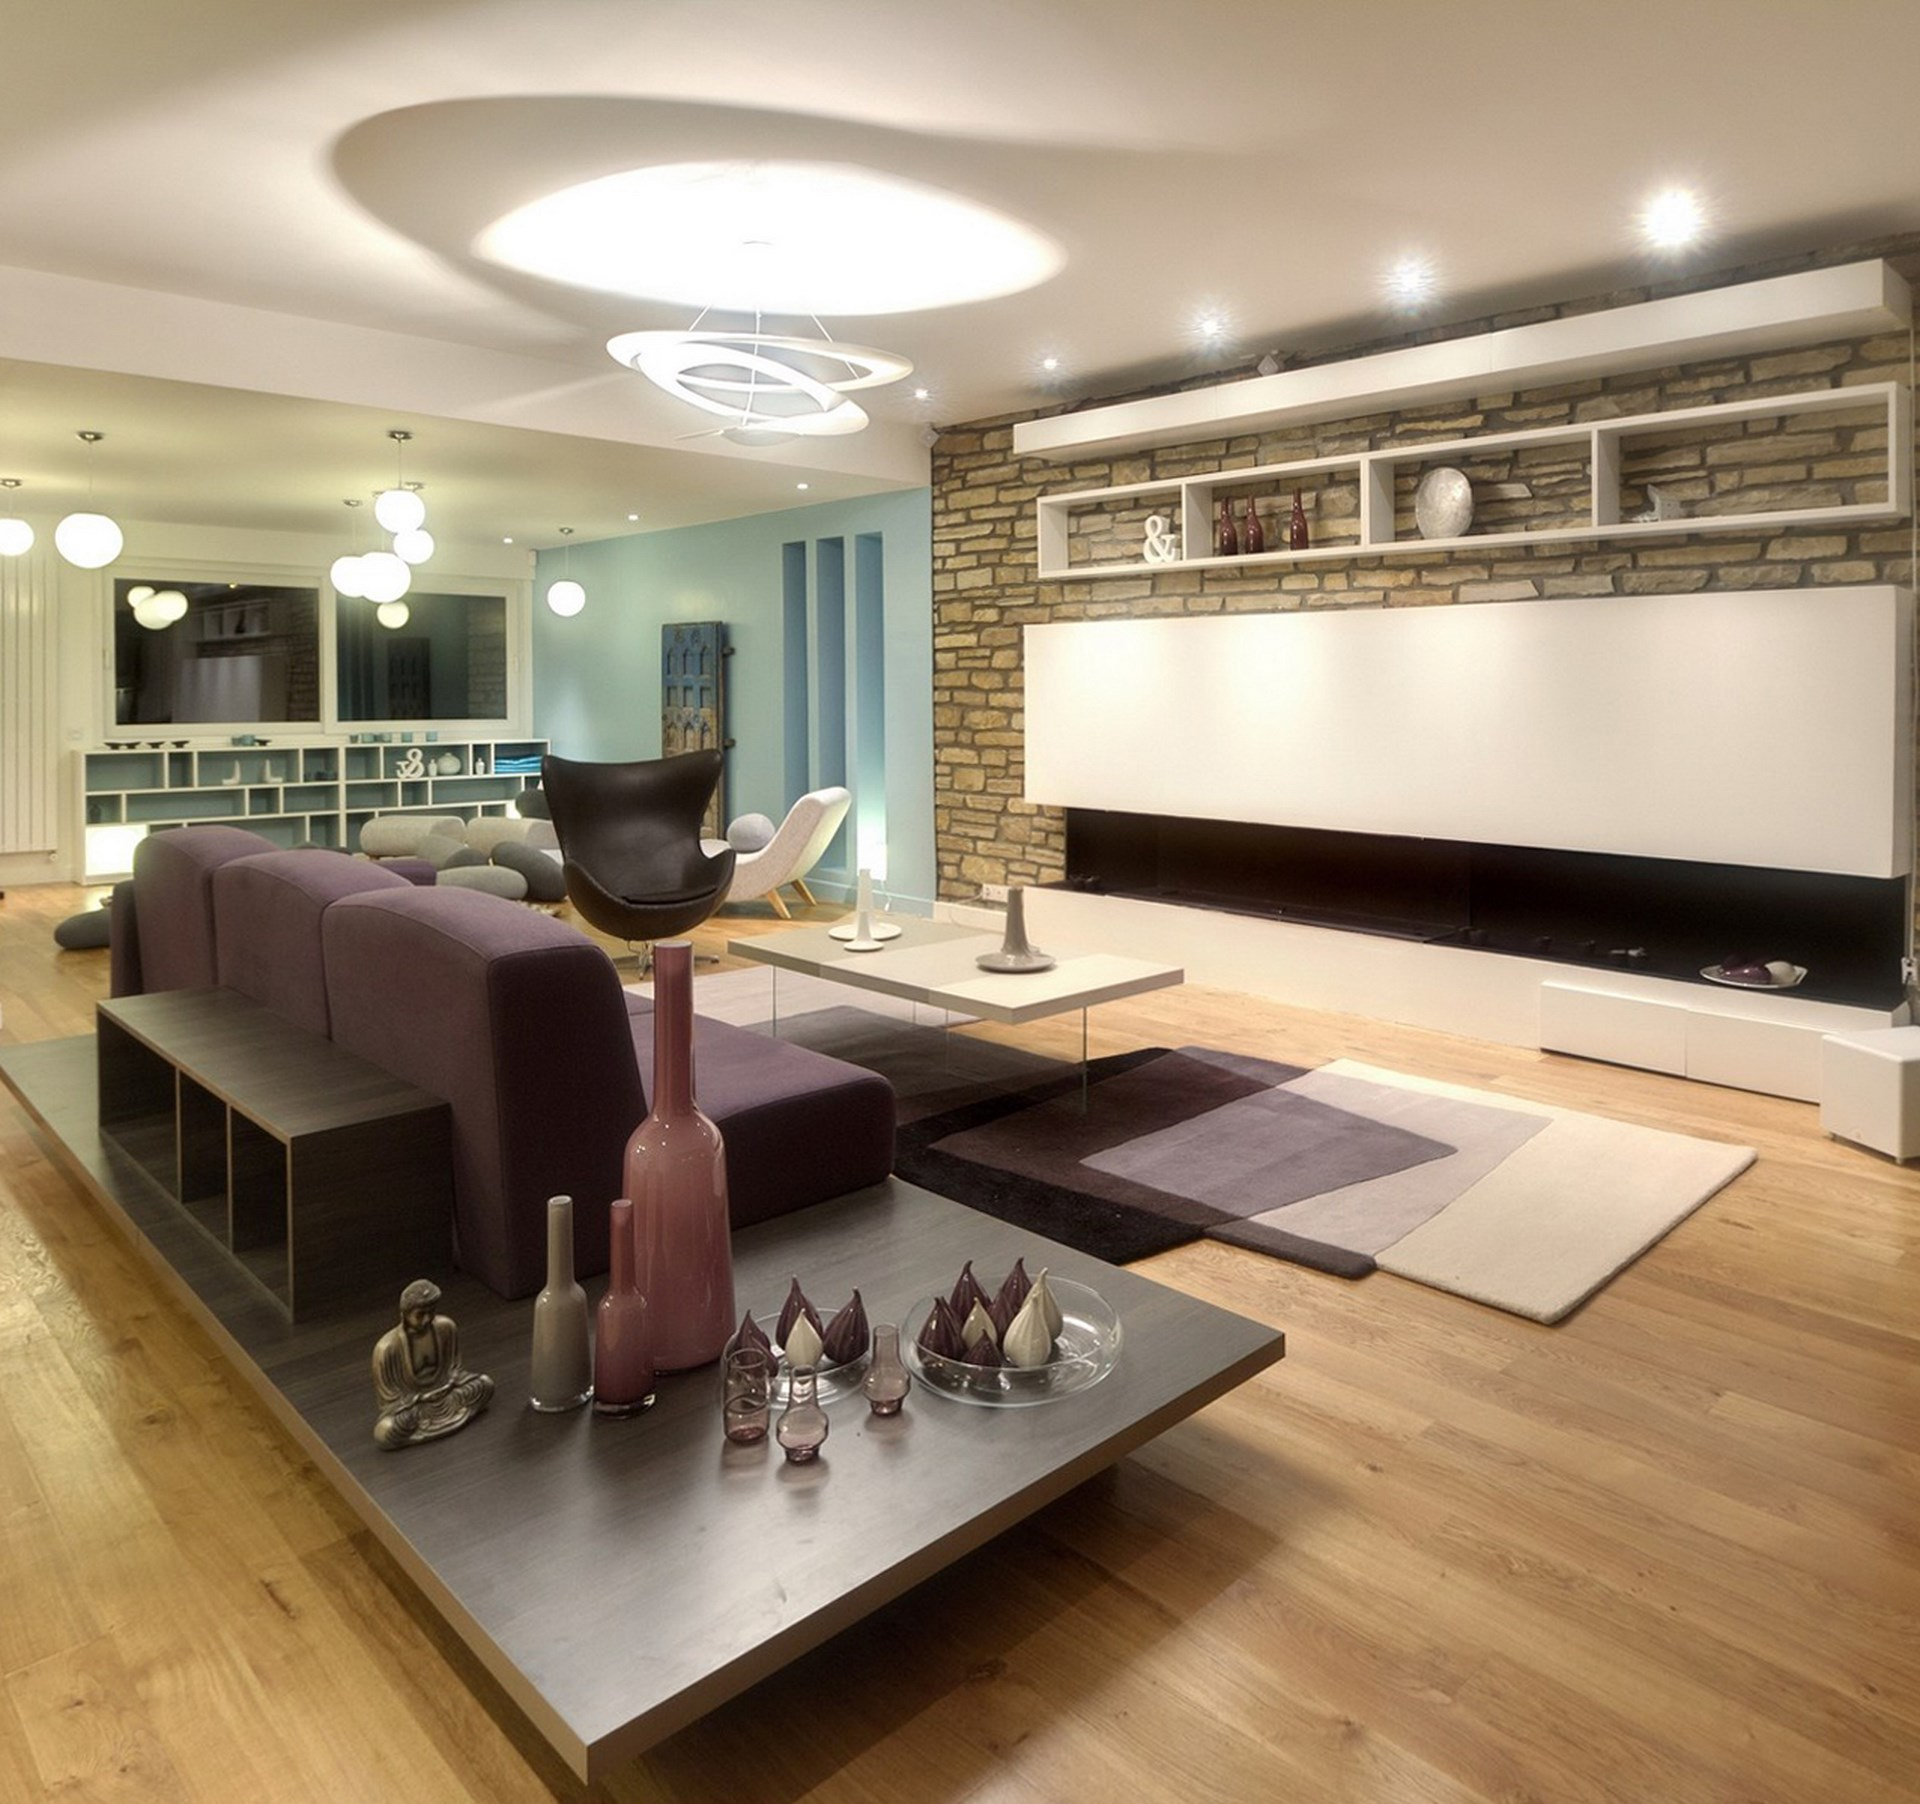 maison renovation luxe artemide pirce canape sur mesure cheminee gaz tapis intersection ligne roset agence avous